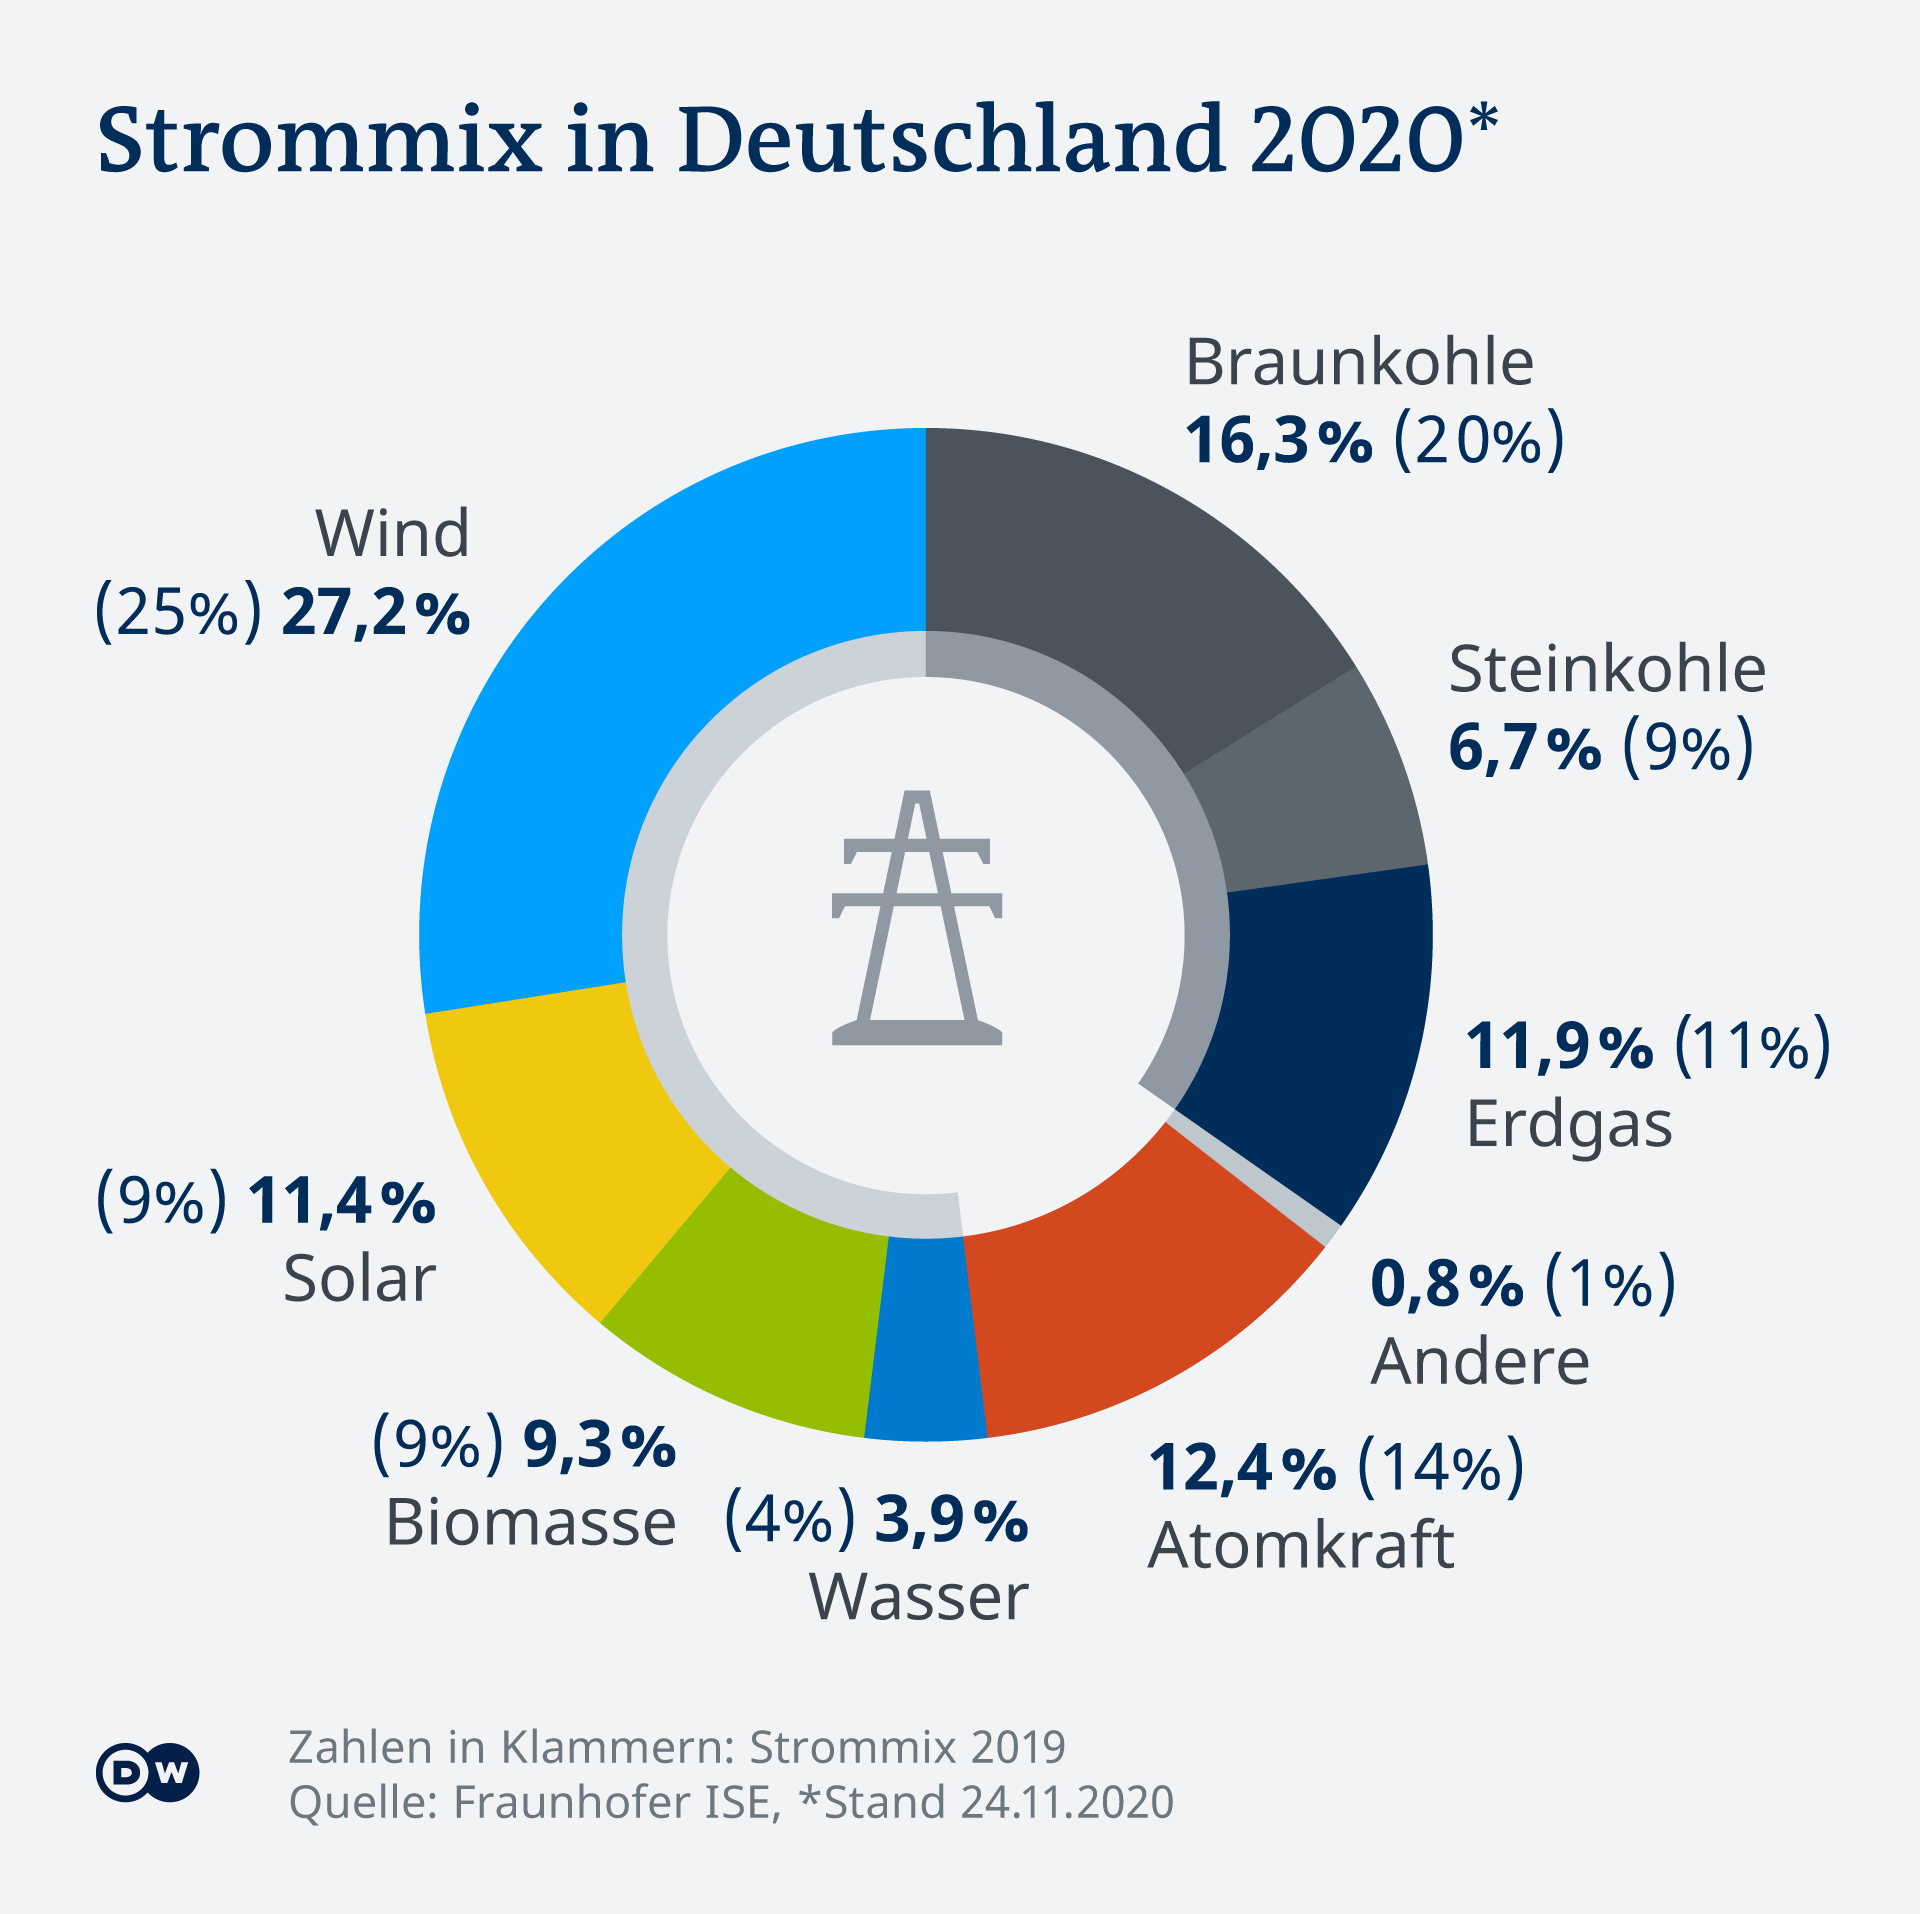 Тези видове енергия се крият в тока, произвеждан в Германия: делът на атомната е 12,4% (в скобите са данните за 2019)